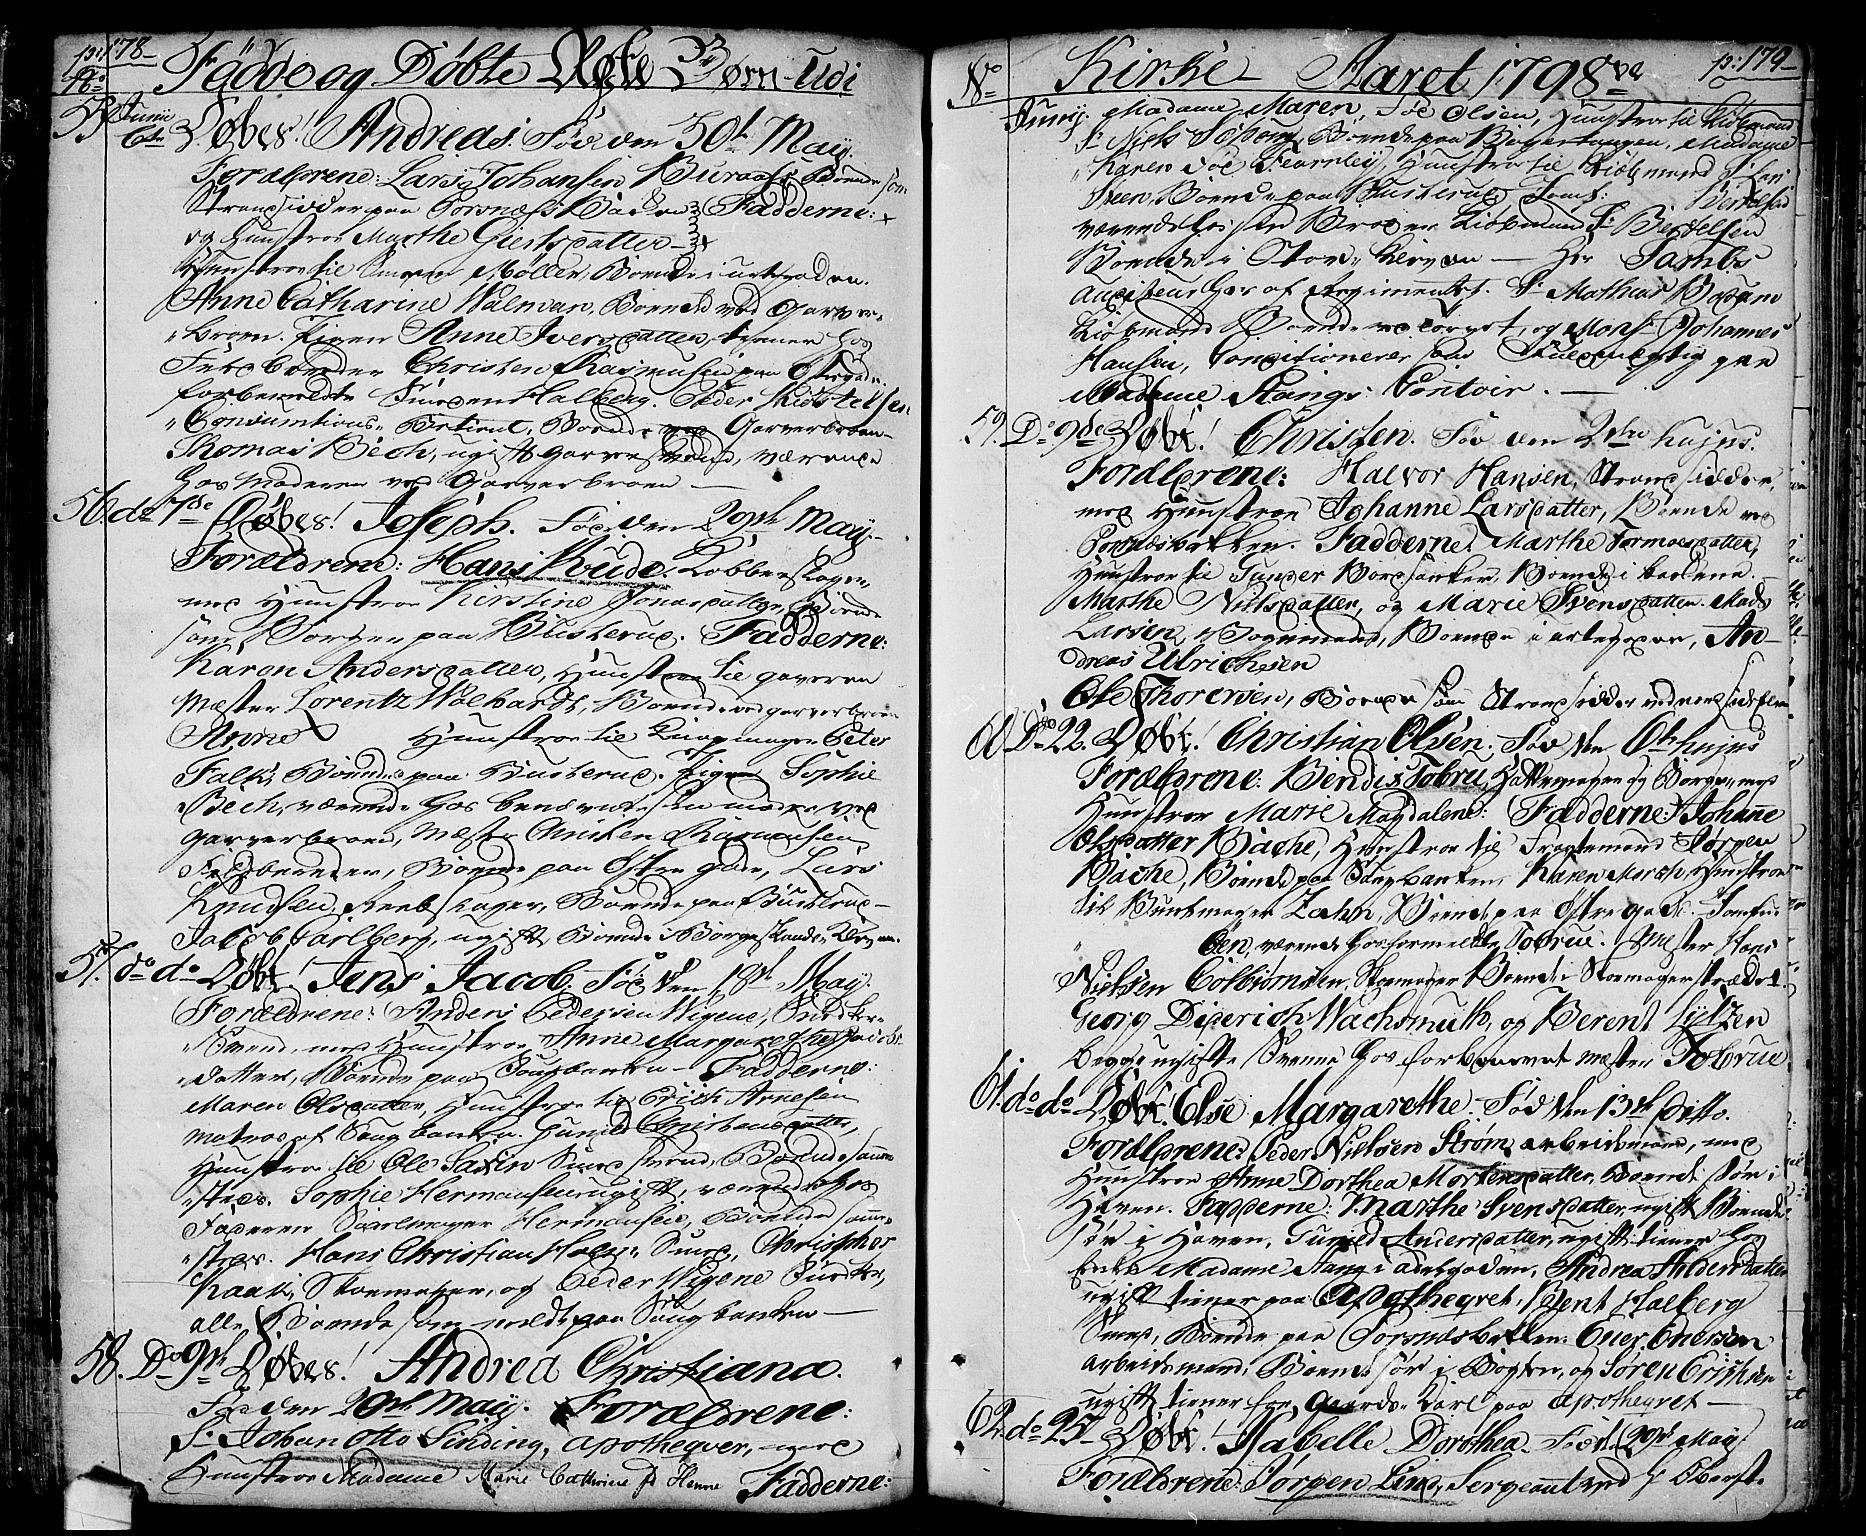 SAO, Halden prestekontor Kirkebøker, F/Fa/L0002: Ministerialbok nr. I 2, 1792-1812, s. 178-179